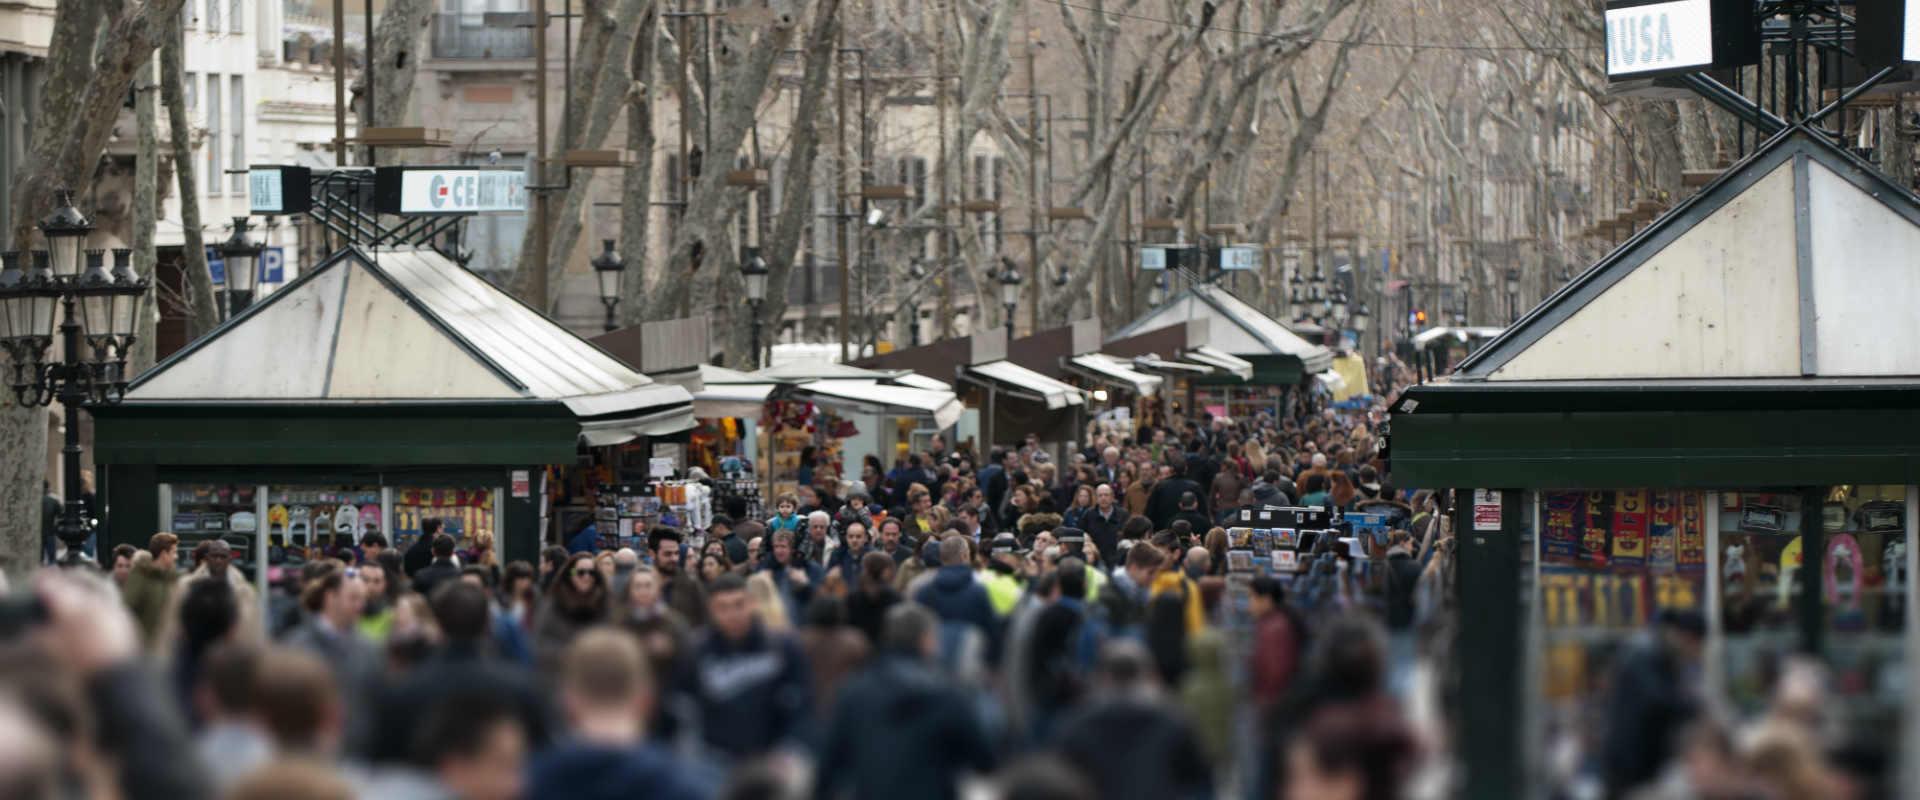 רחובות ברצלונה